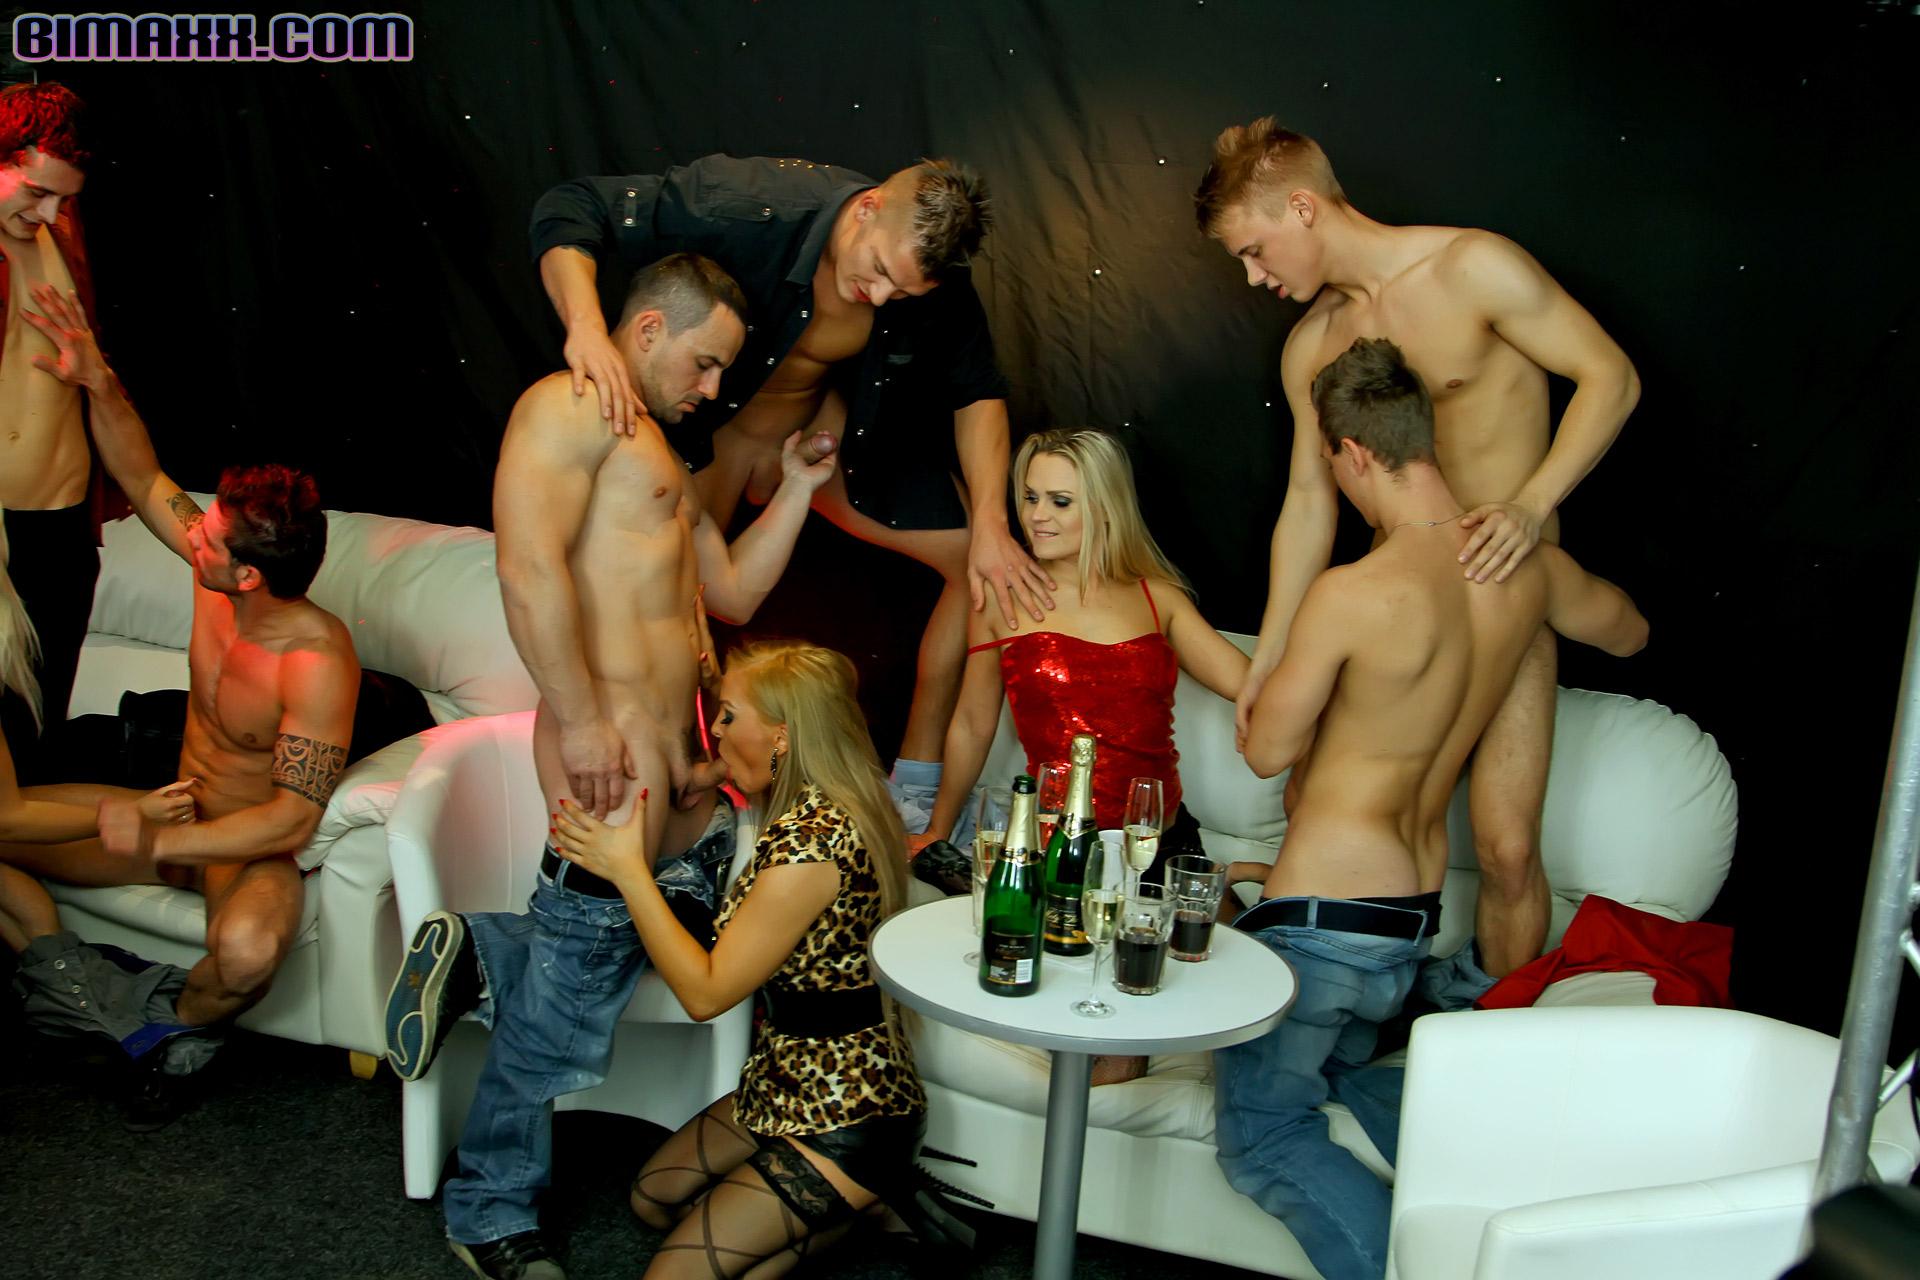 seks-nochnoy-klub-smotret-besplatno